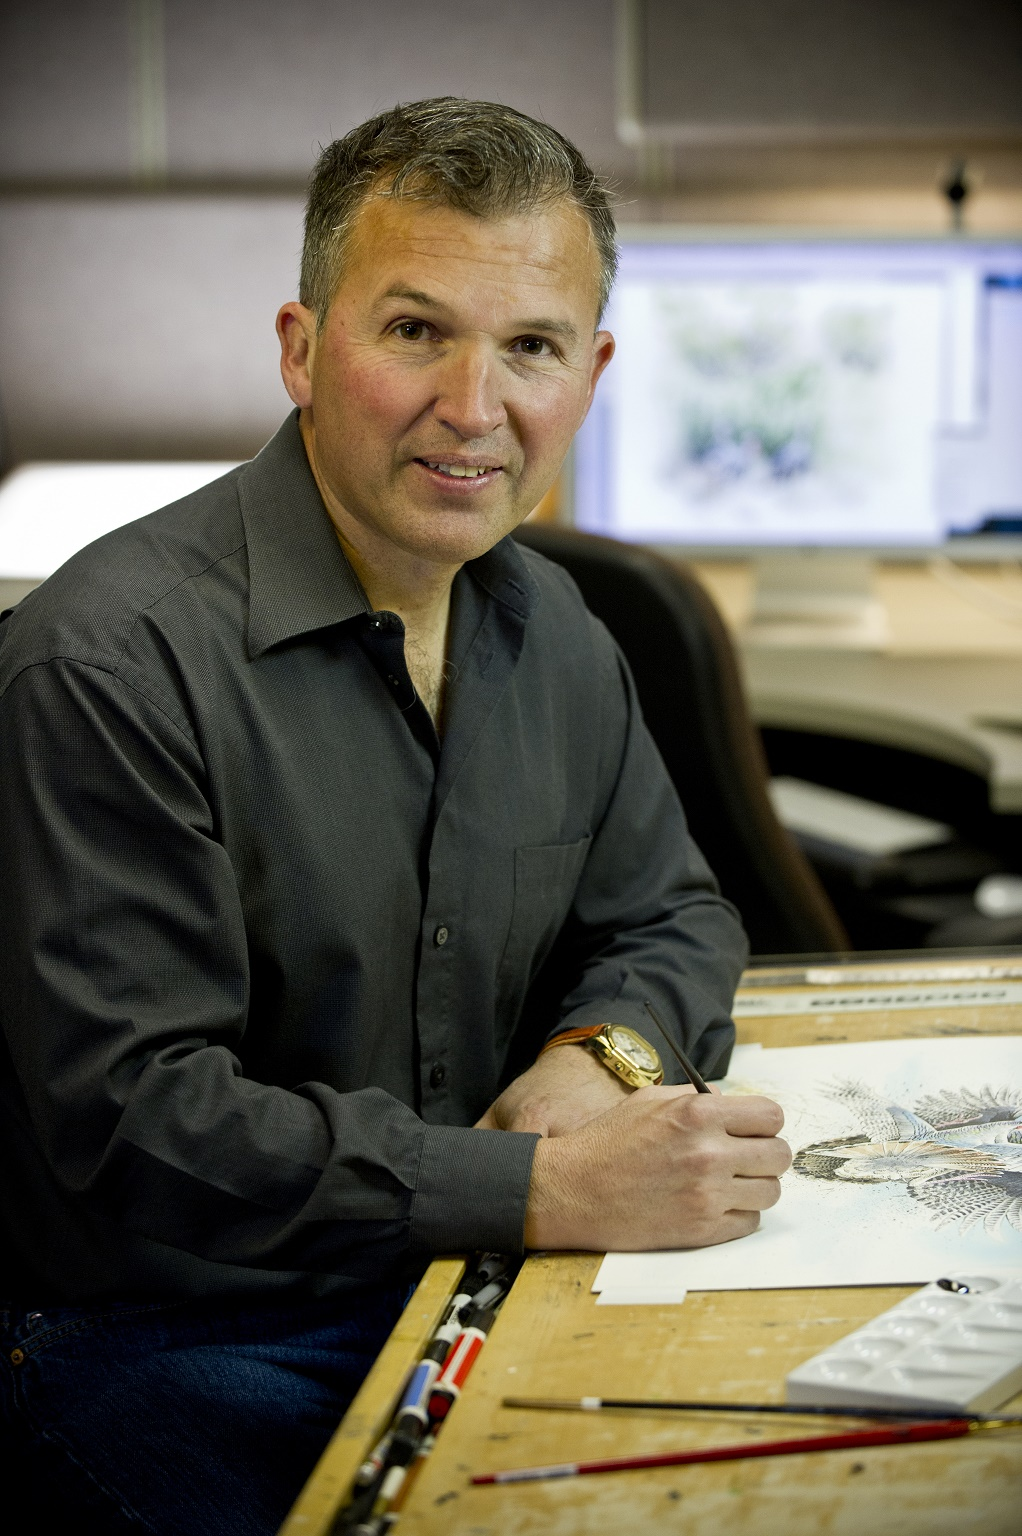 Centennial Artist, Clemente Guzman